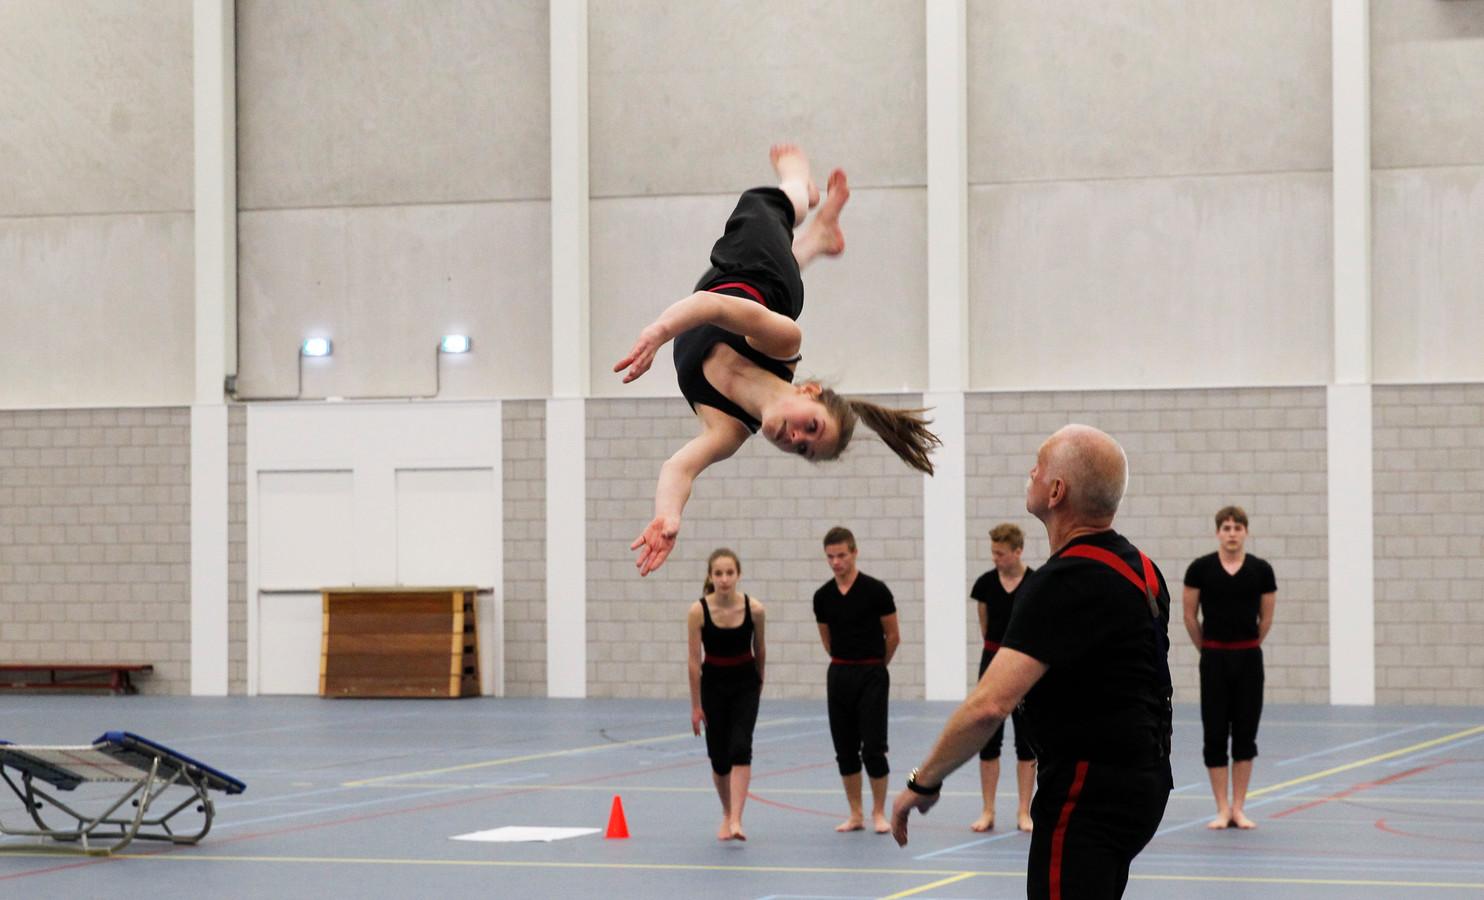 NK mini trampolinespringen. Eén van de evenementen die in de sporthal op Suytkade is gehouden.